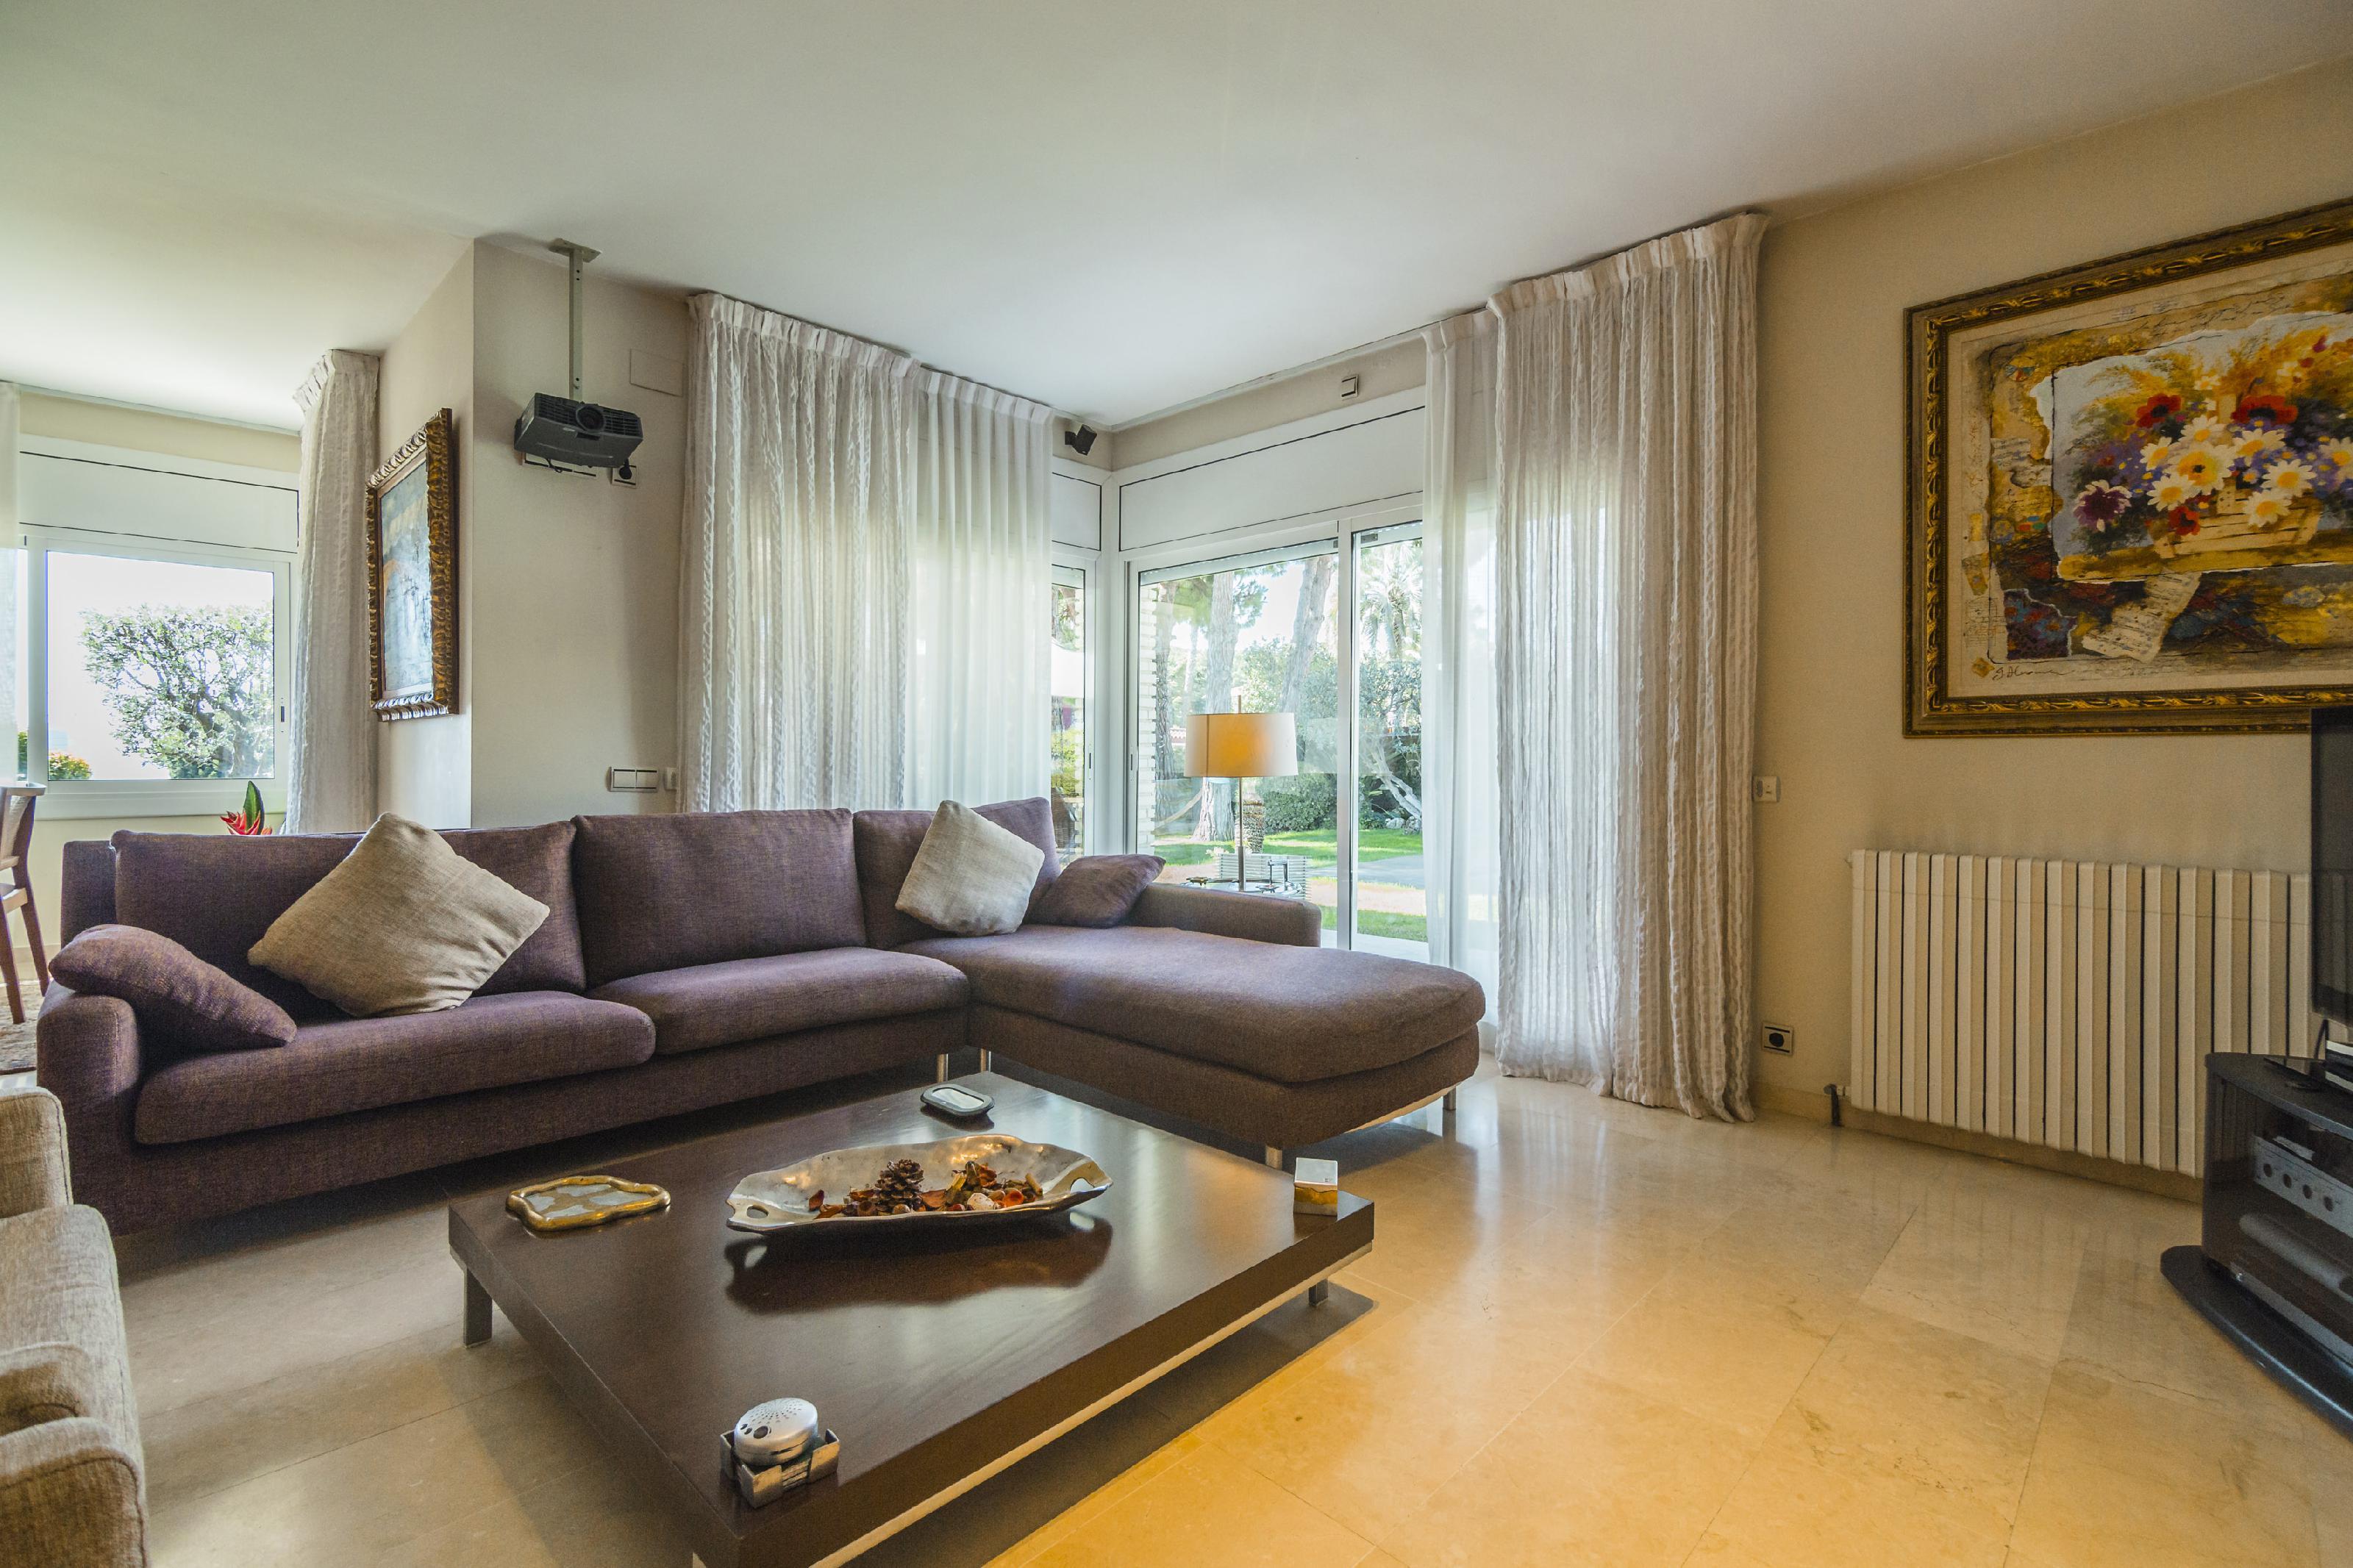 222464 Detached House for sale in Masnou (El) 5